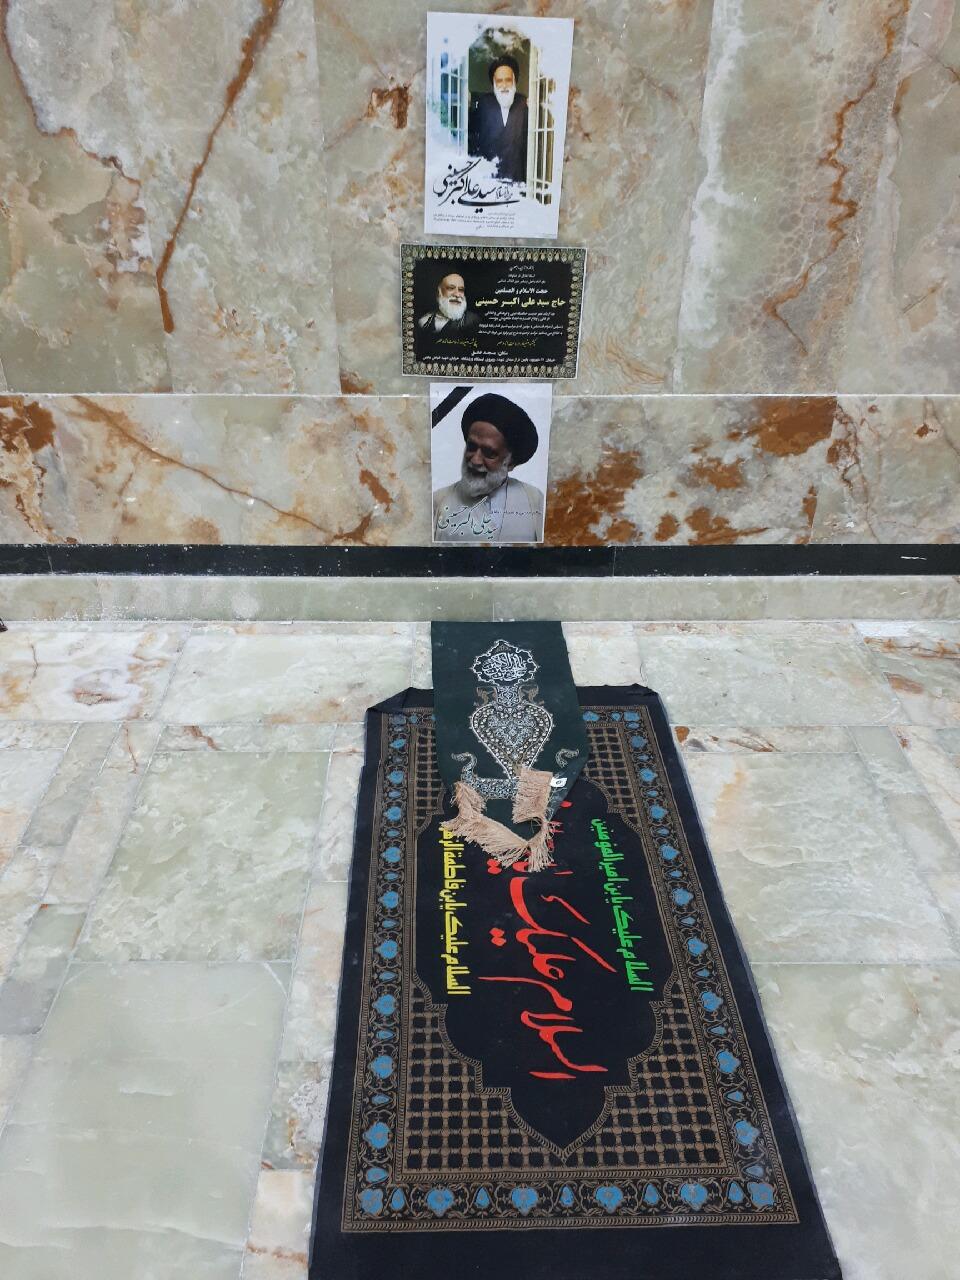 عکس خبري -مزار استاد اخلاق حجت الاسلام والمسلمين حسيني در حرم حضرت عبدالعظيم حسني